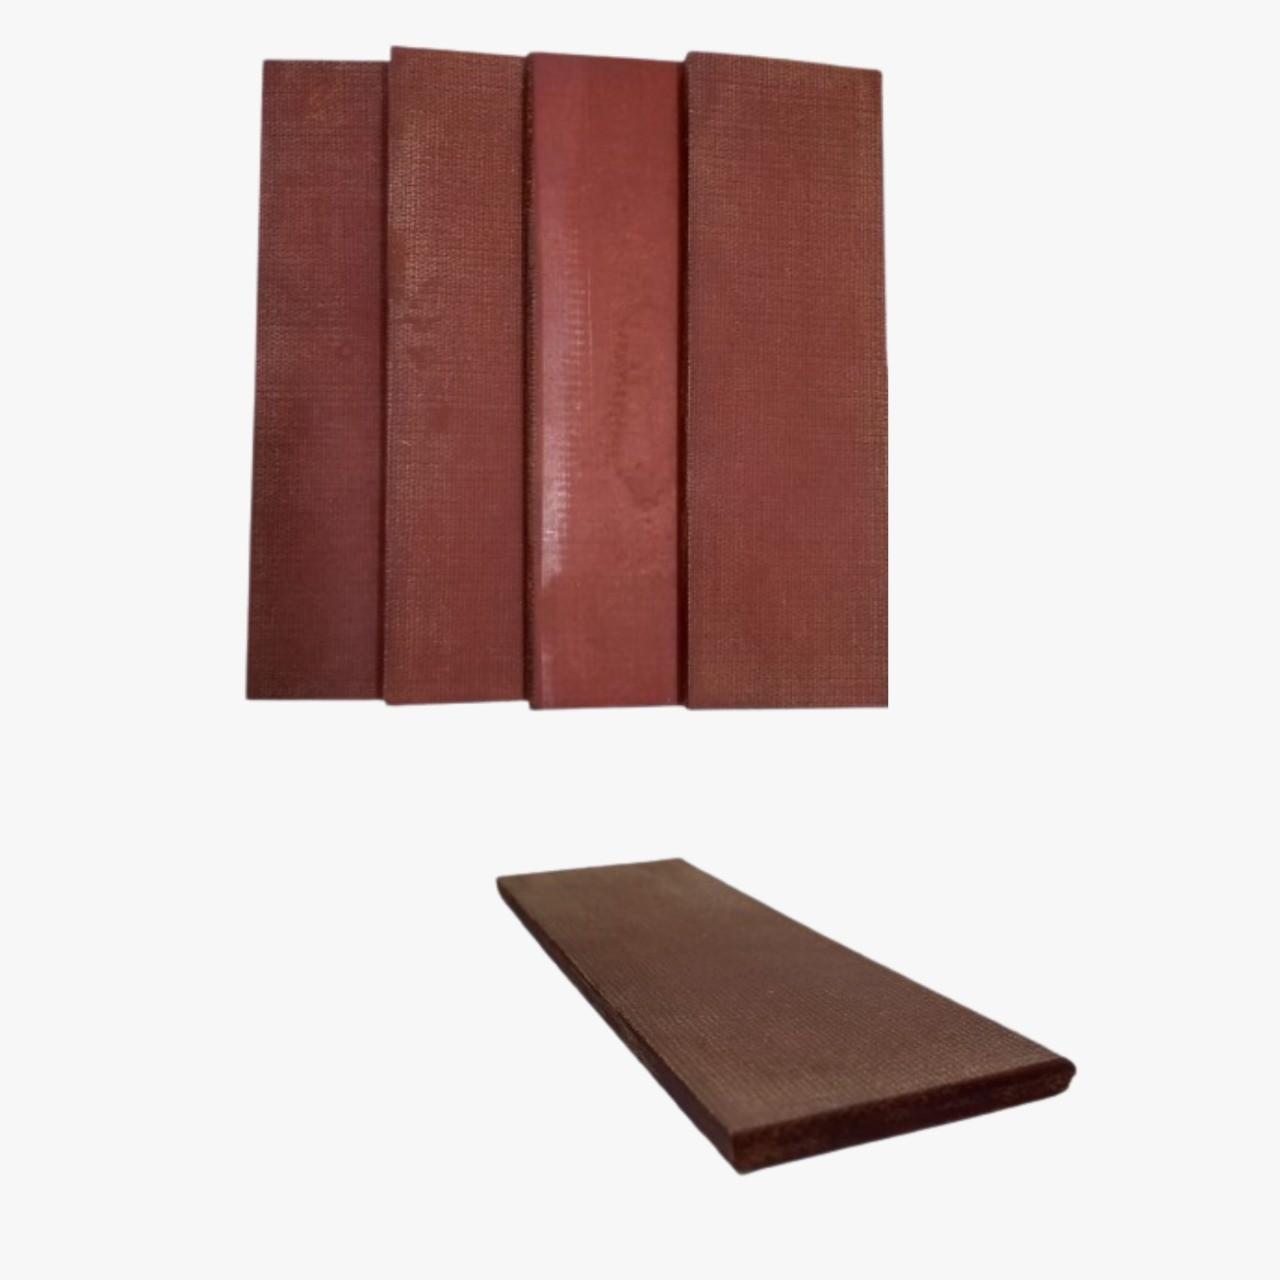 PALHETA GIMENEZ 300 131,60 x 43 x 4,5 mm